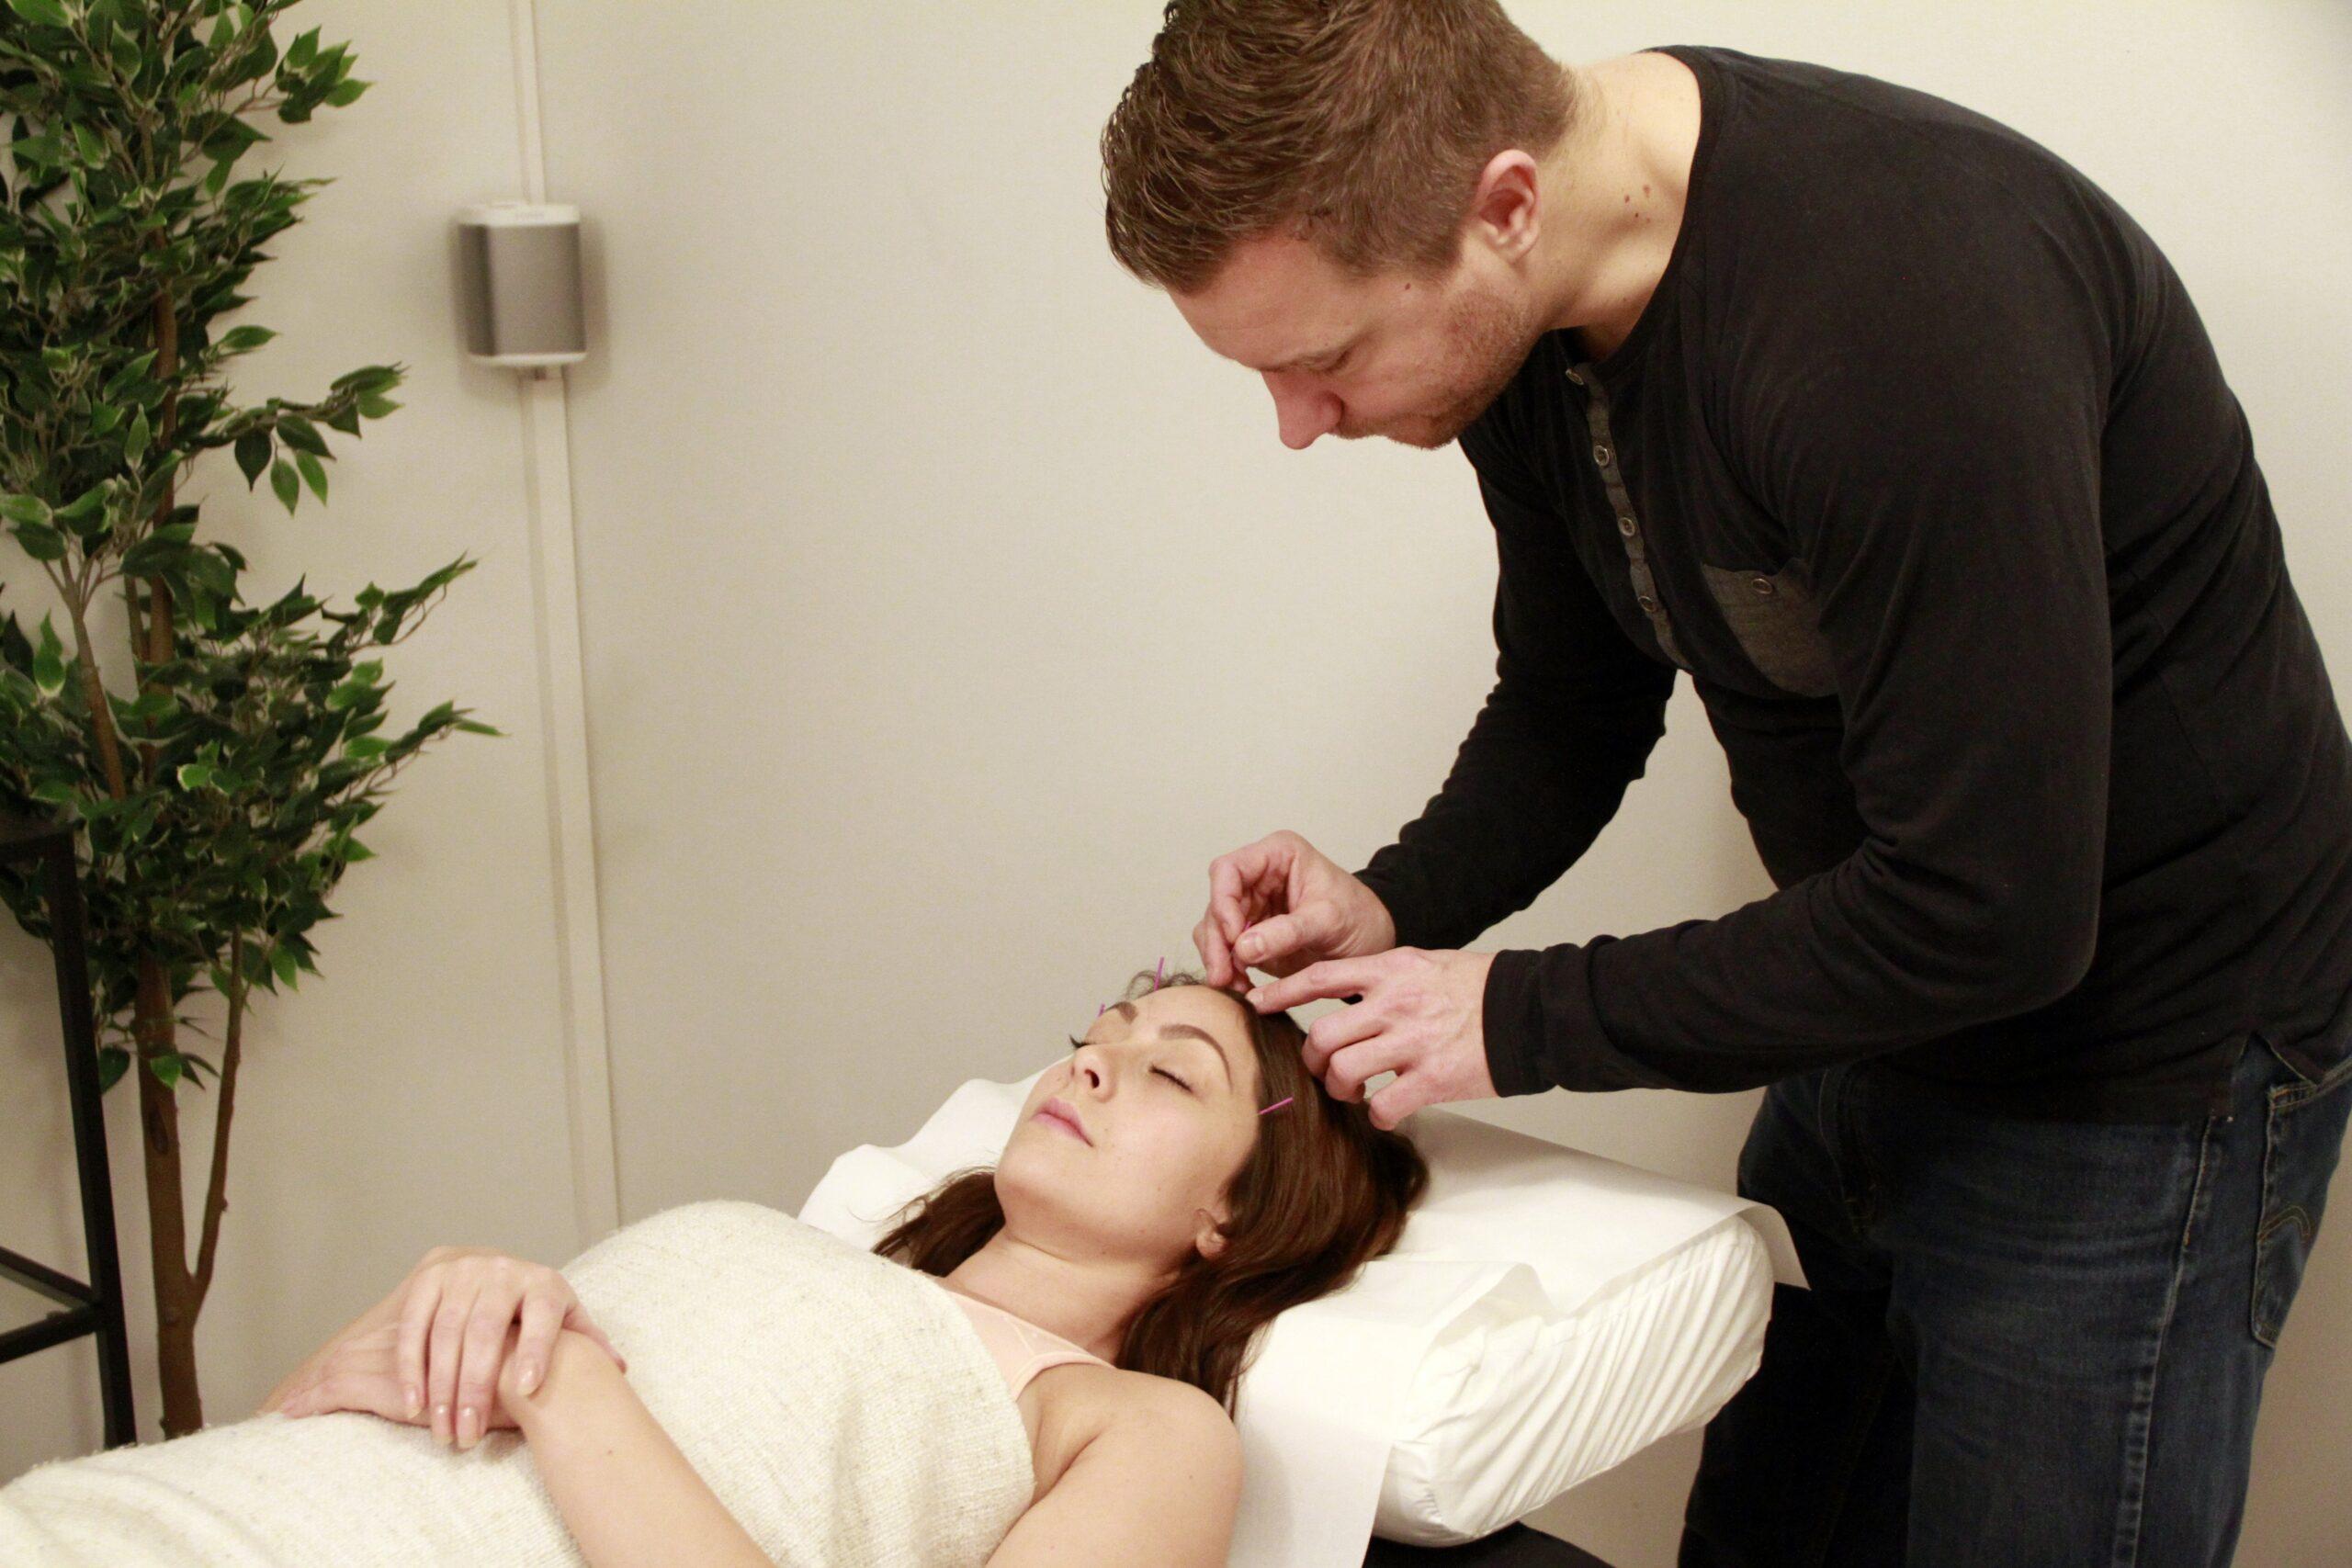 akupunktur københavn. akupunktur kbh. akupunktur